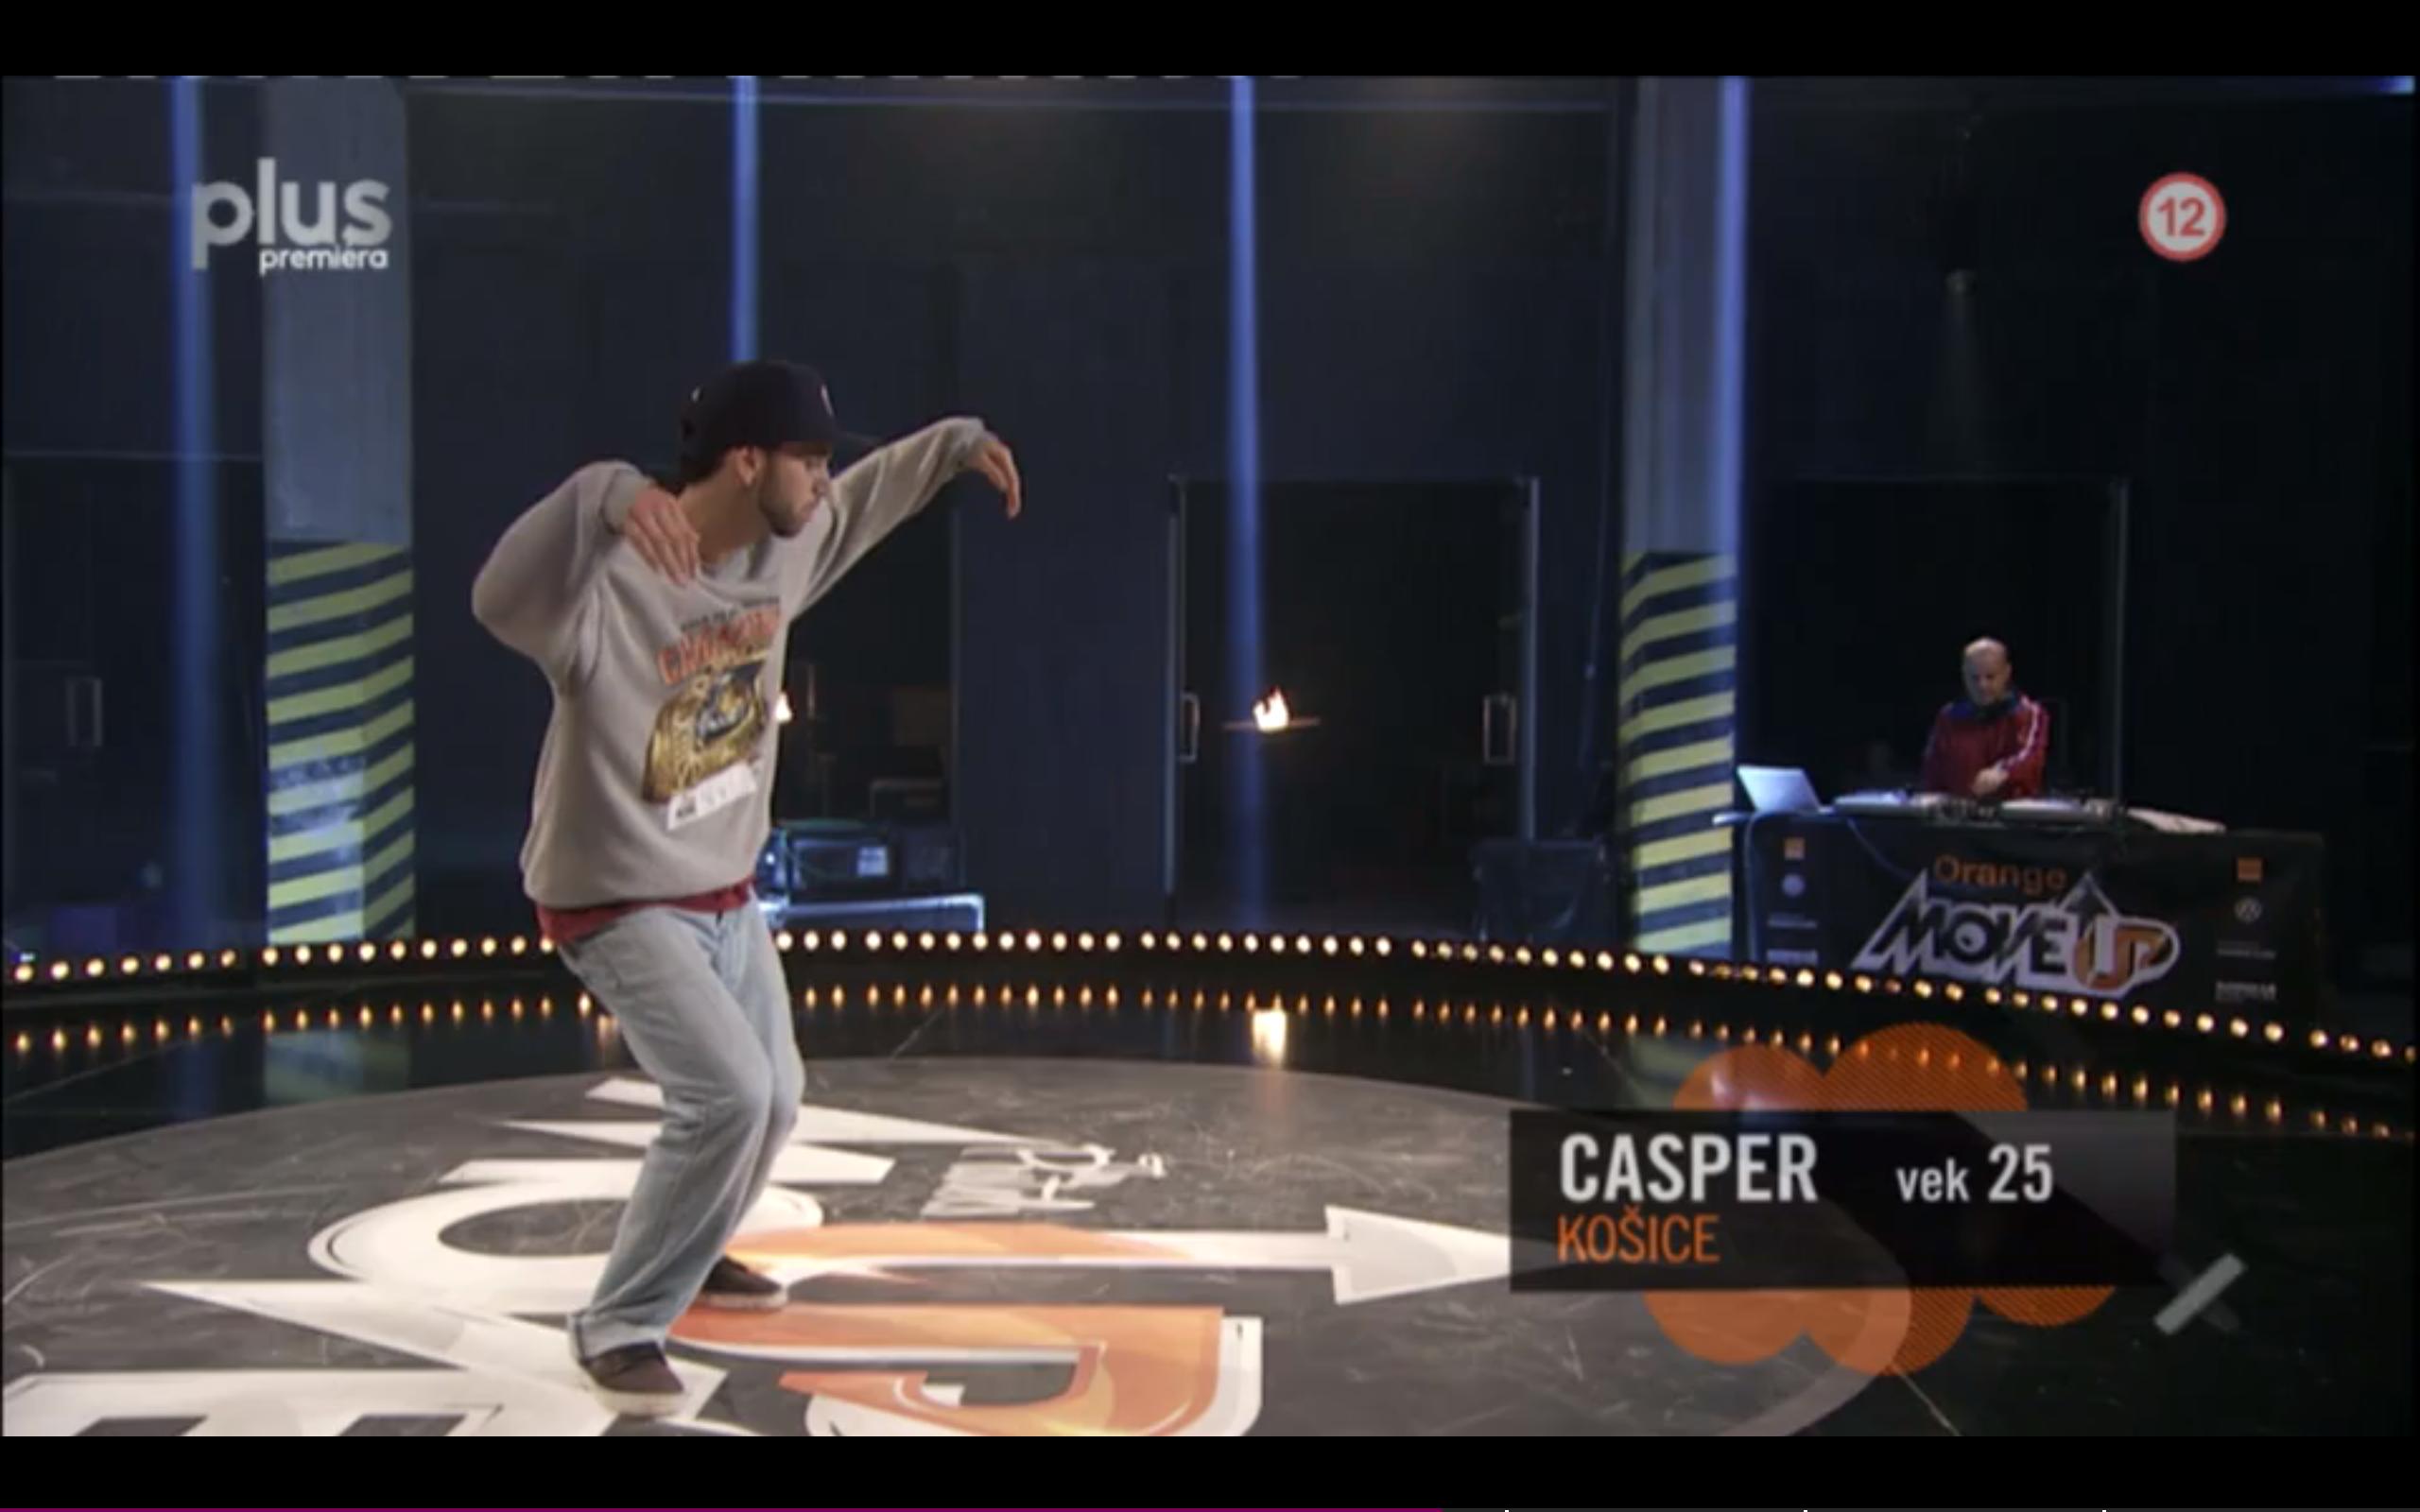 casper-2